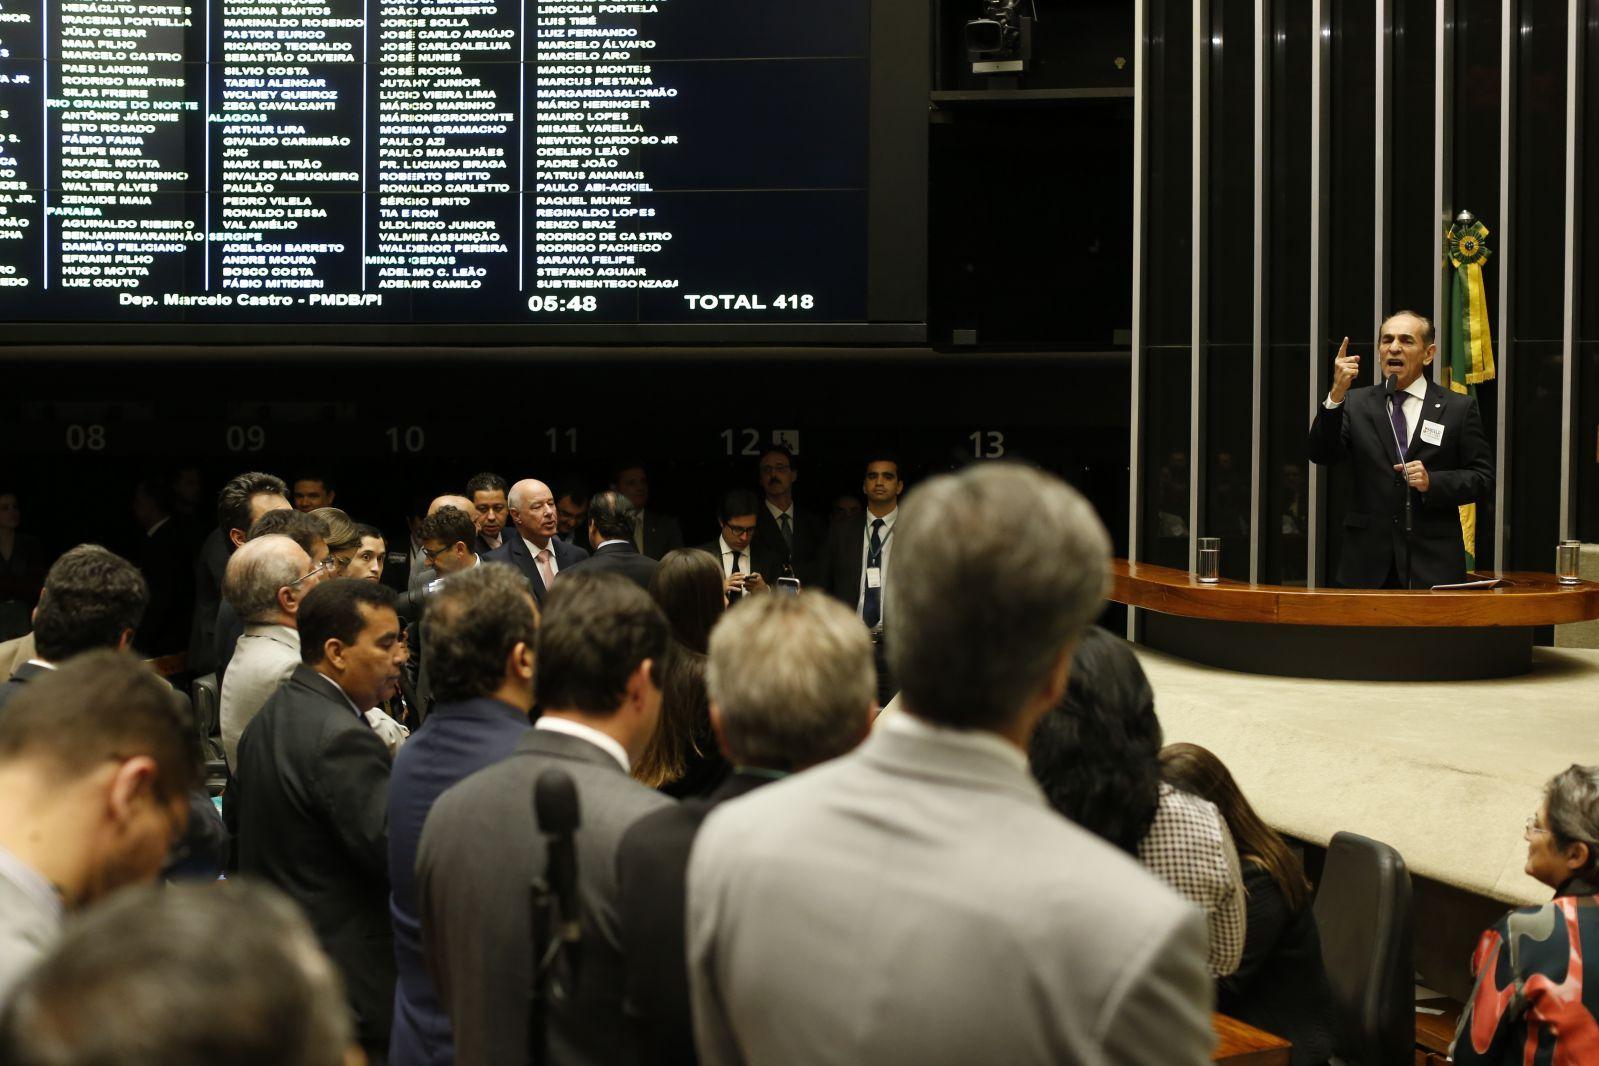 Sessão deliberativa da Câmara dos Deputados. Crédito: Flickr PMDB Nacional